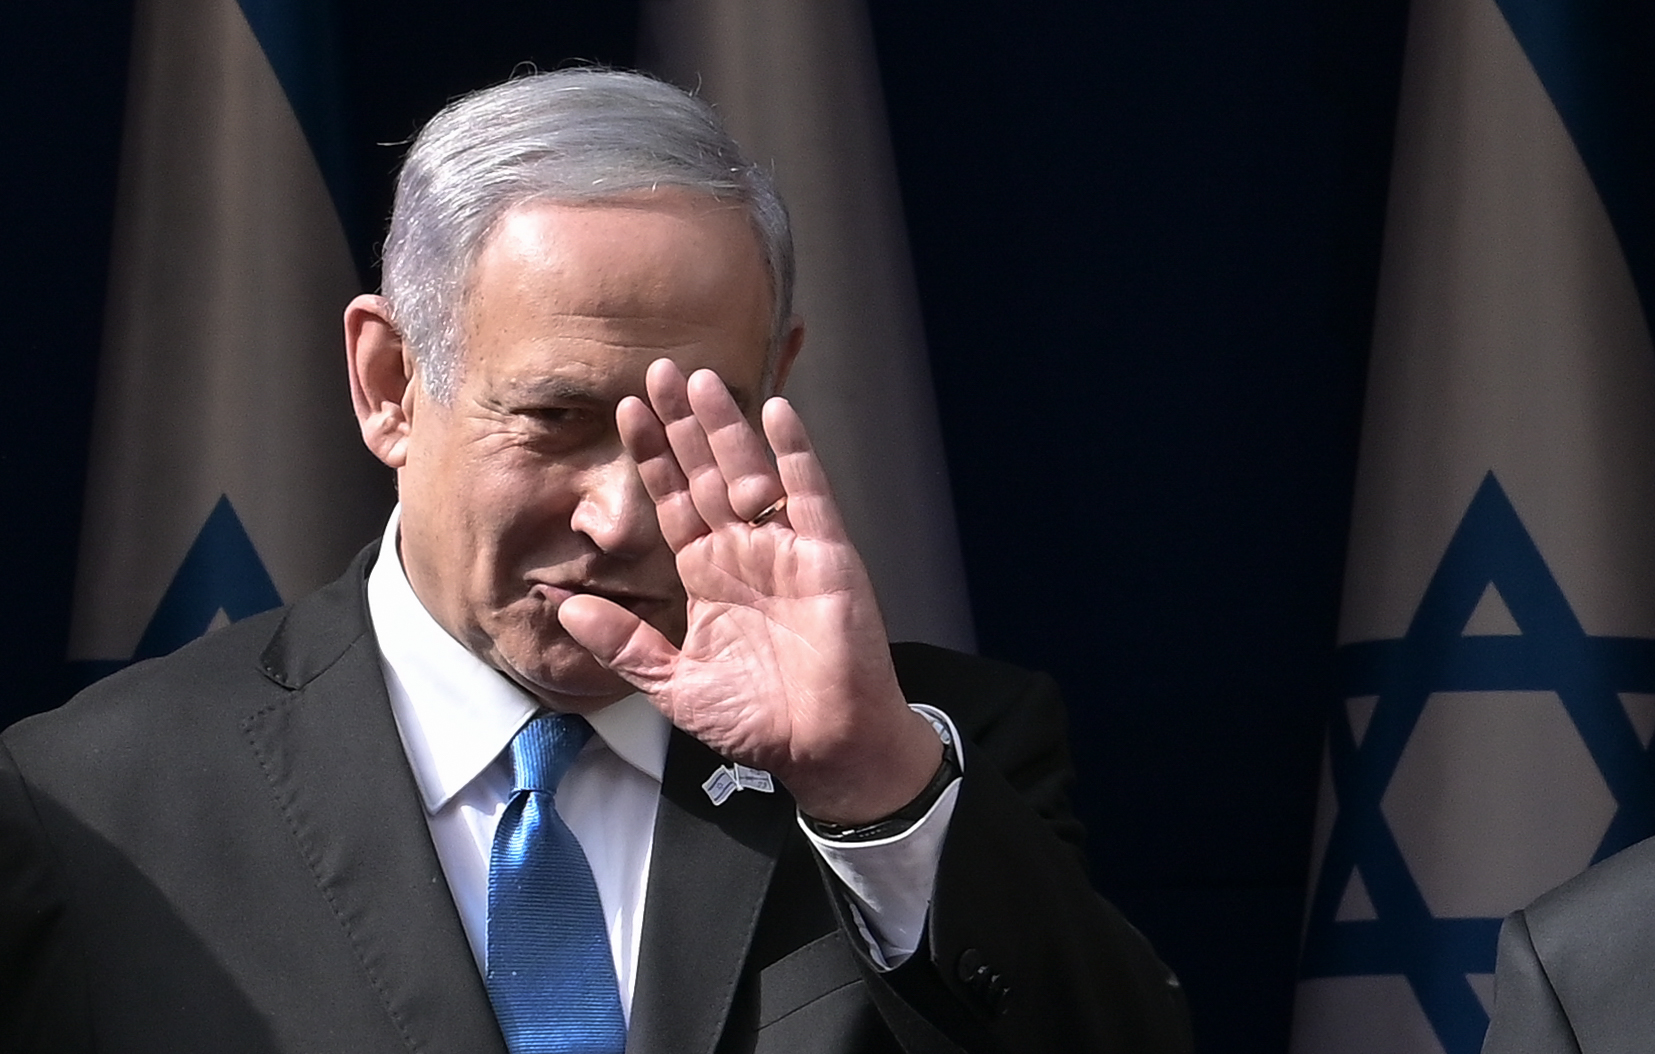 Halványul az esély Netanjahu újabb miniszterelnökségére